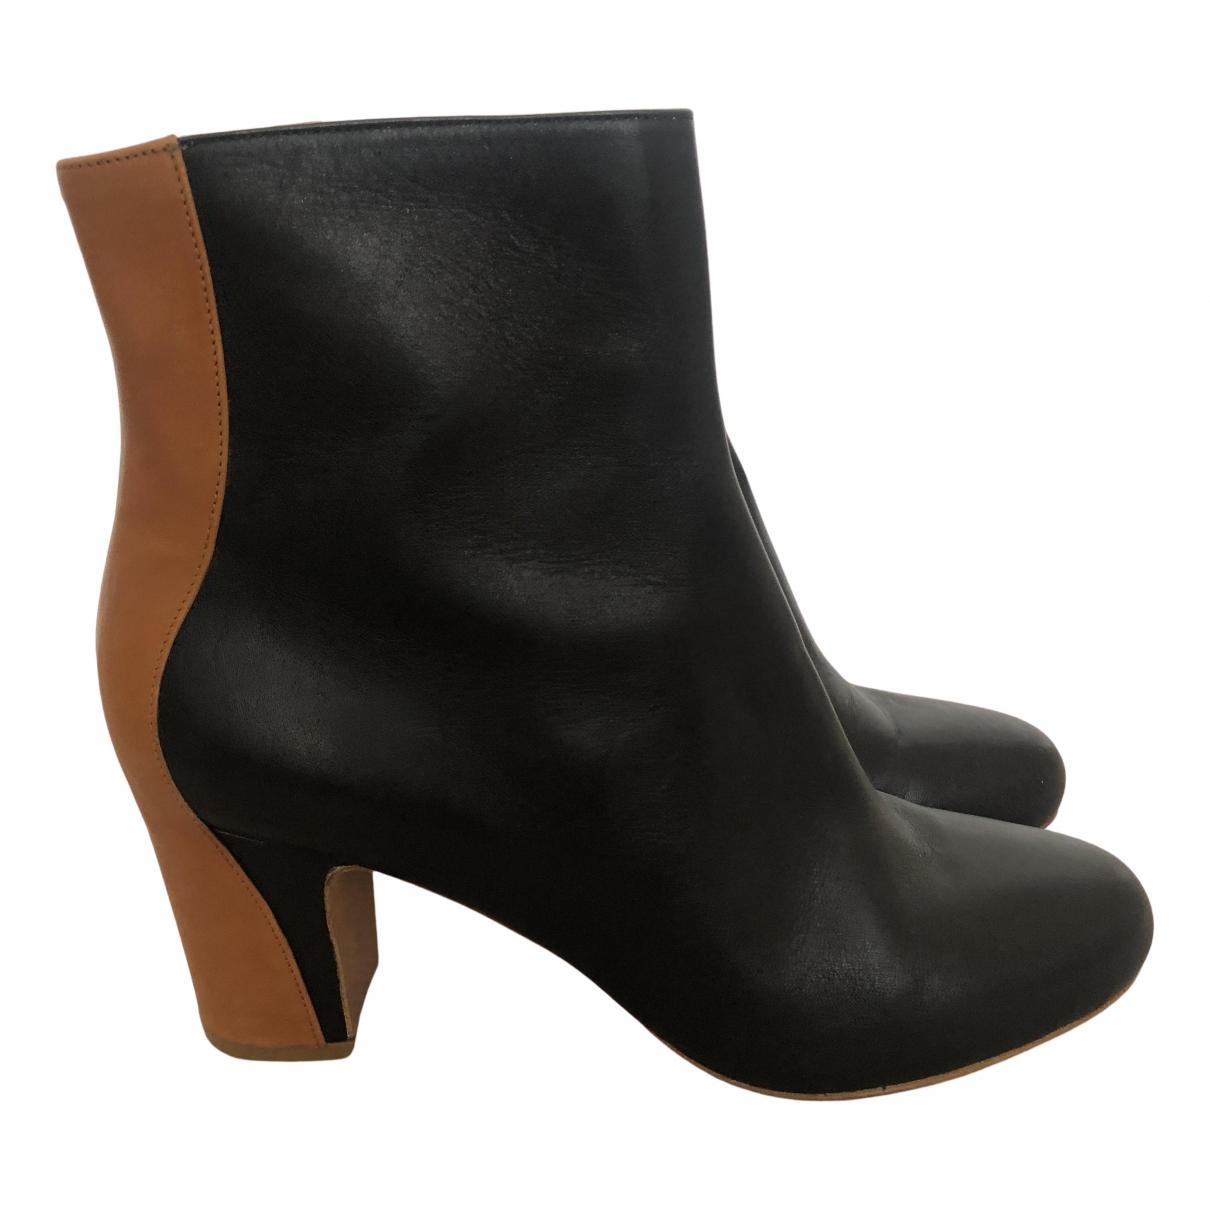 Maison Martin Margiela - Boots   pour femme en cuir - noir